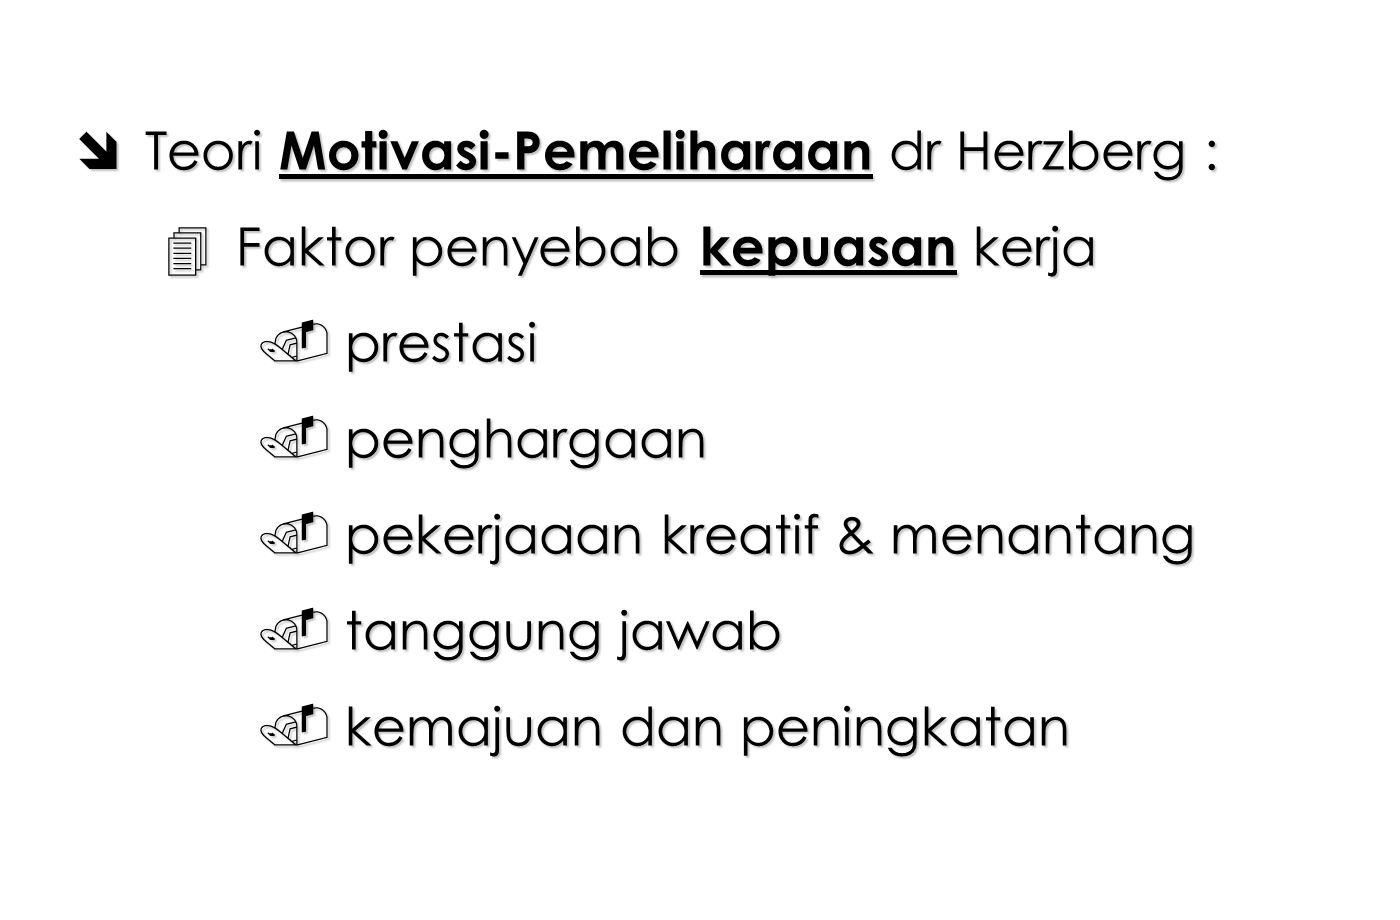 Teori Motivasi-Pemeliharaan dr Herzberg :